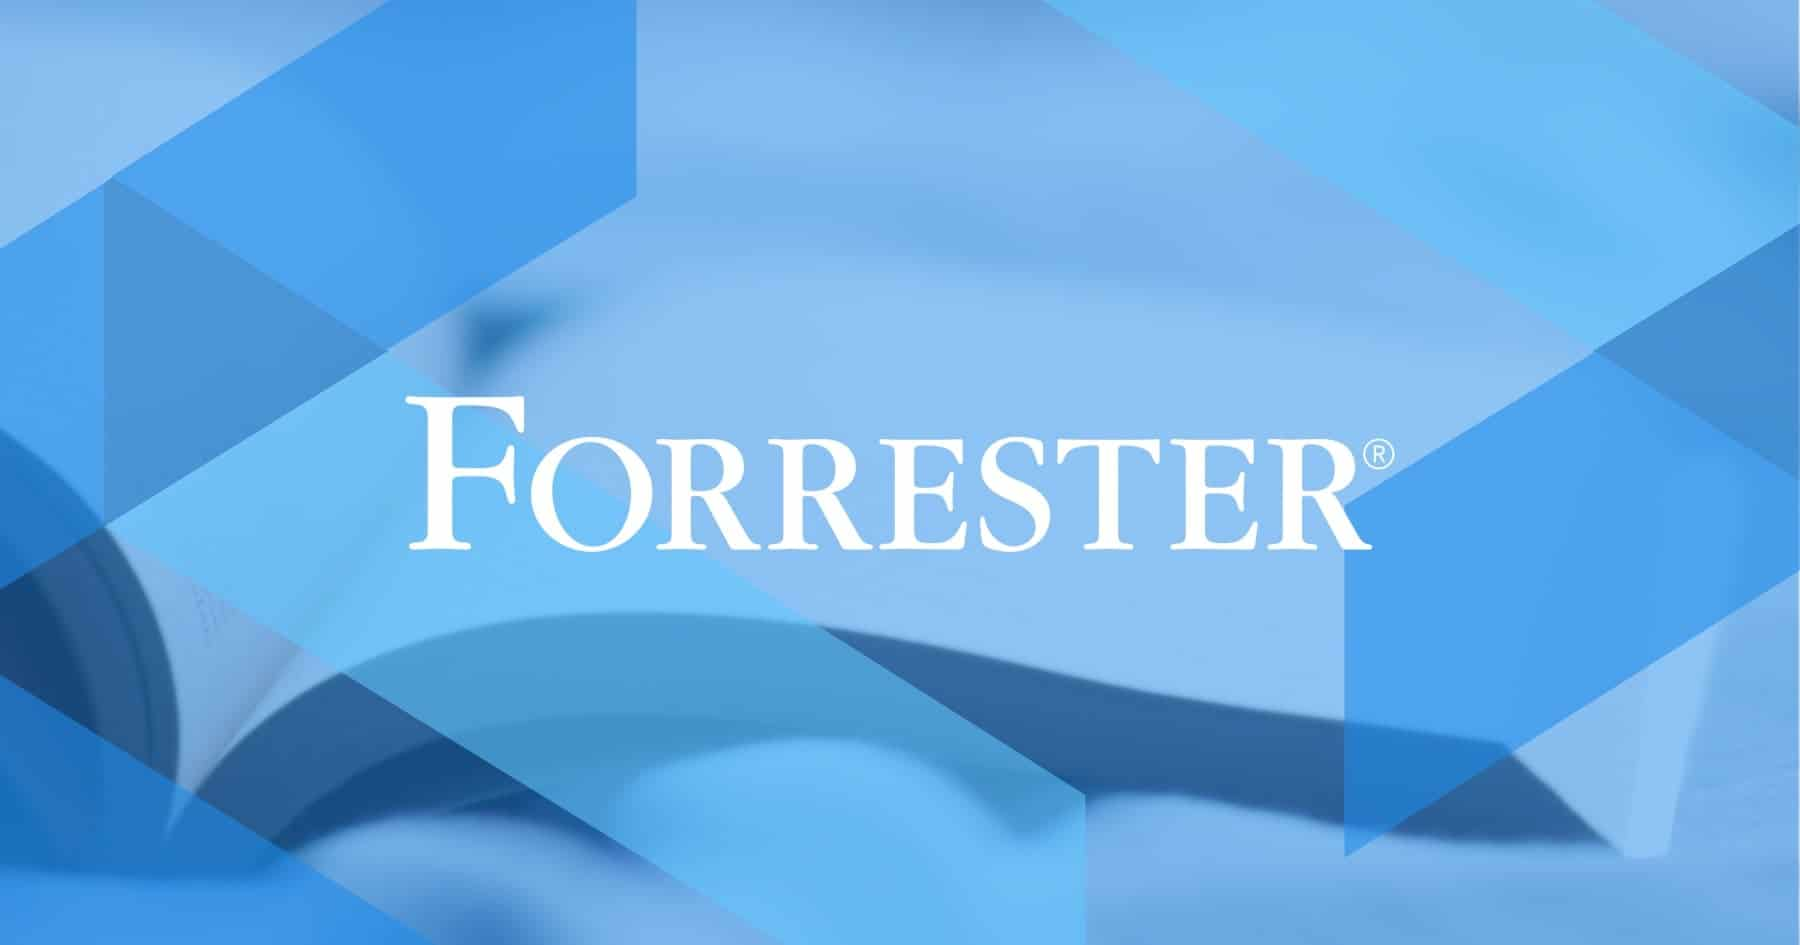 forrester-blog-graphic-2